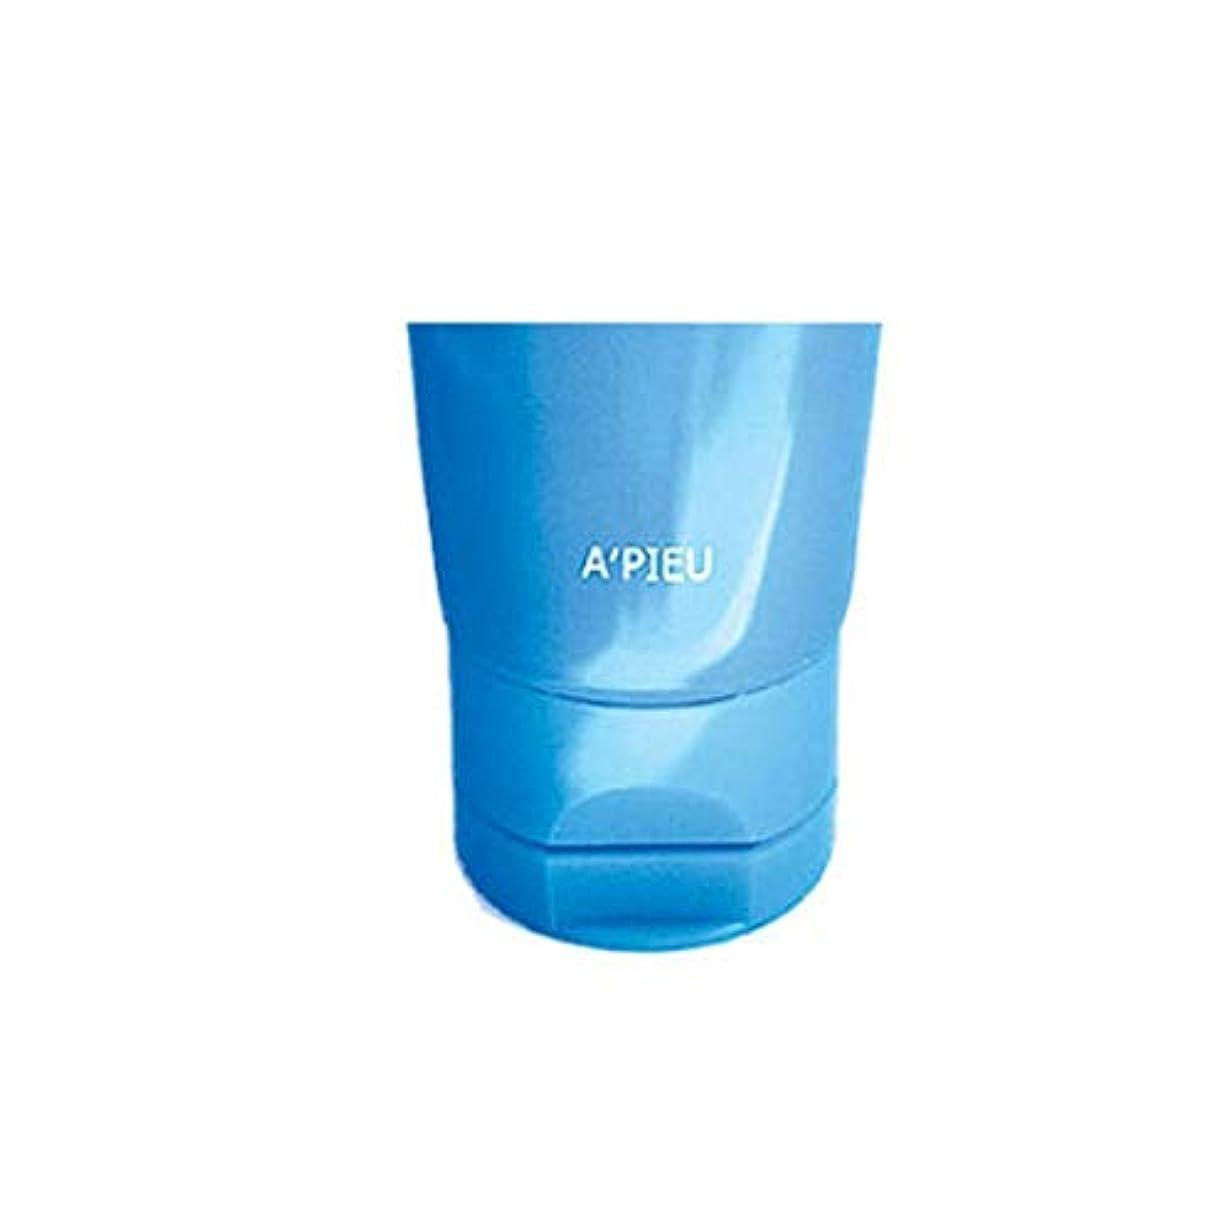 効果的にコンテストアンデス山脈オピュディープクリーンフォームクレンザー130mlx2本セット韓国コスメ、A'pieu Deep Clean Foam Cleanser 130ml x 2ea Set Korean Cosmetics [並行輸入品]